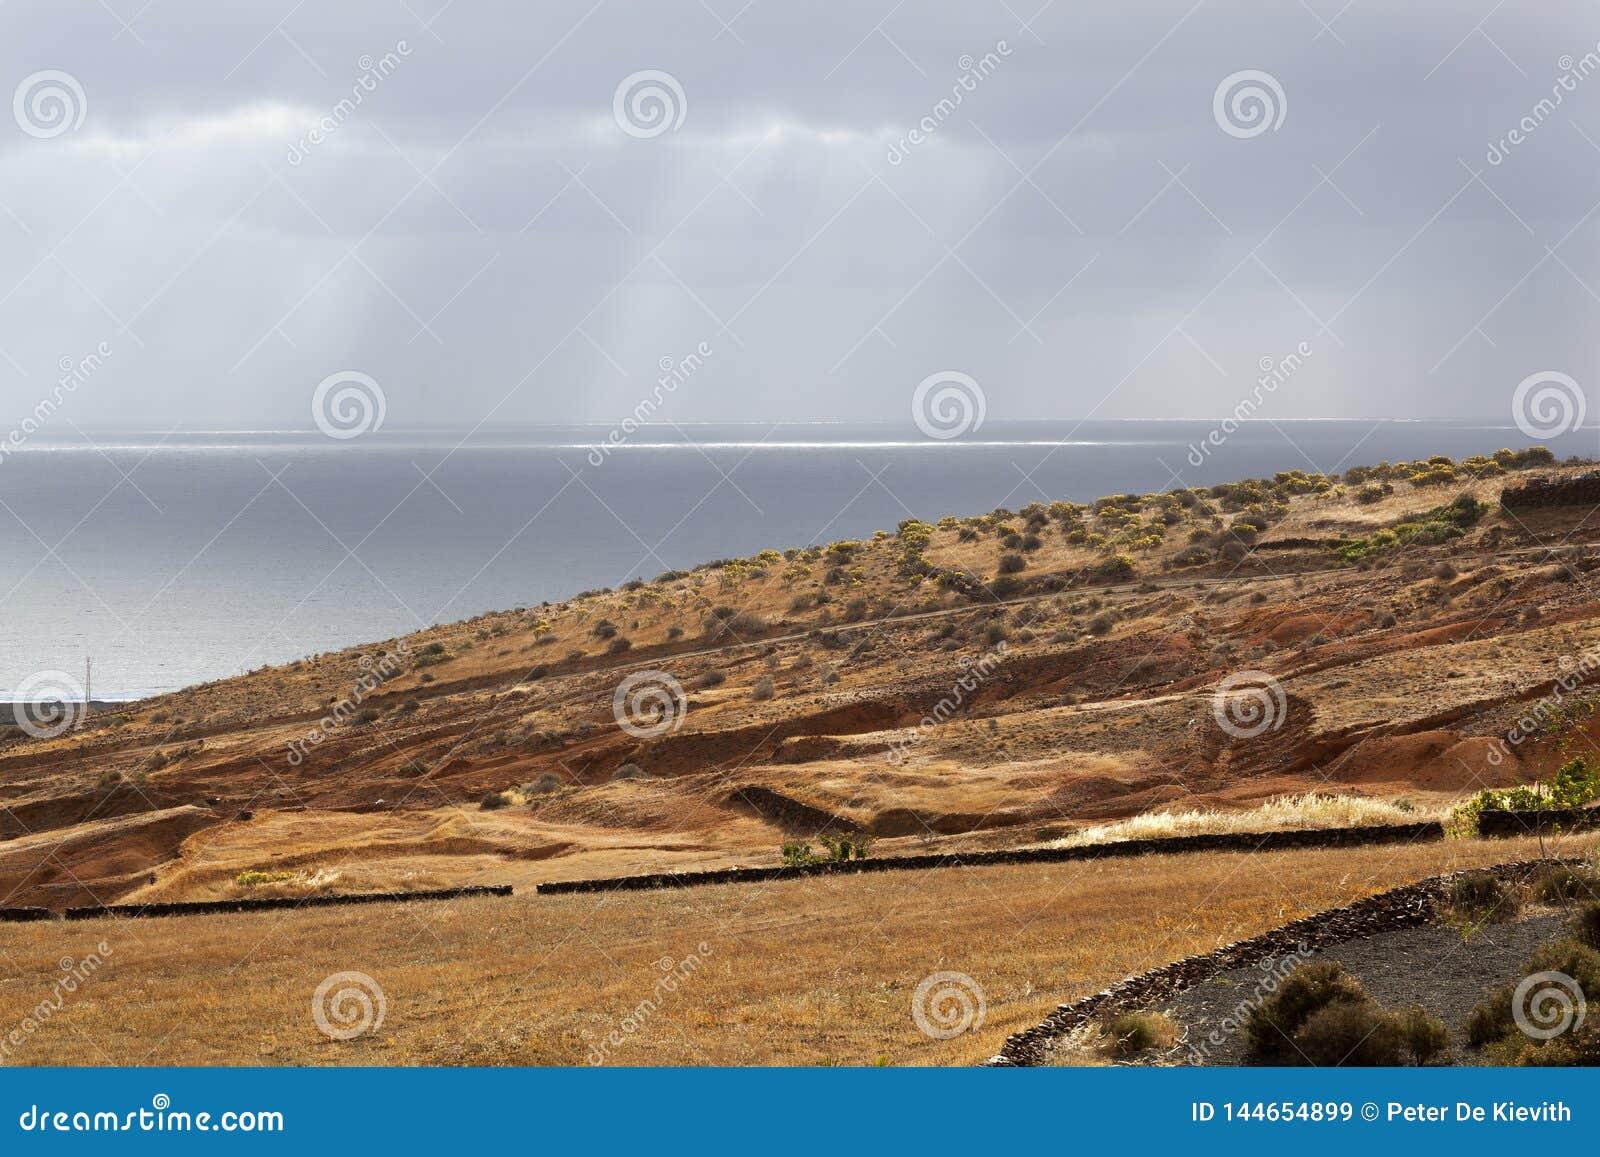 Landschaft mit Meer auf Lanzarote